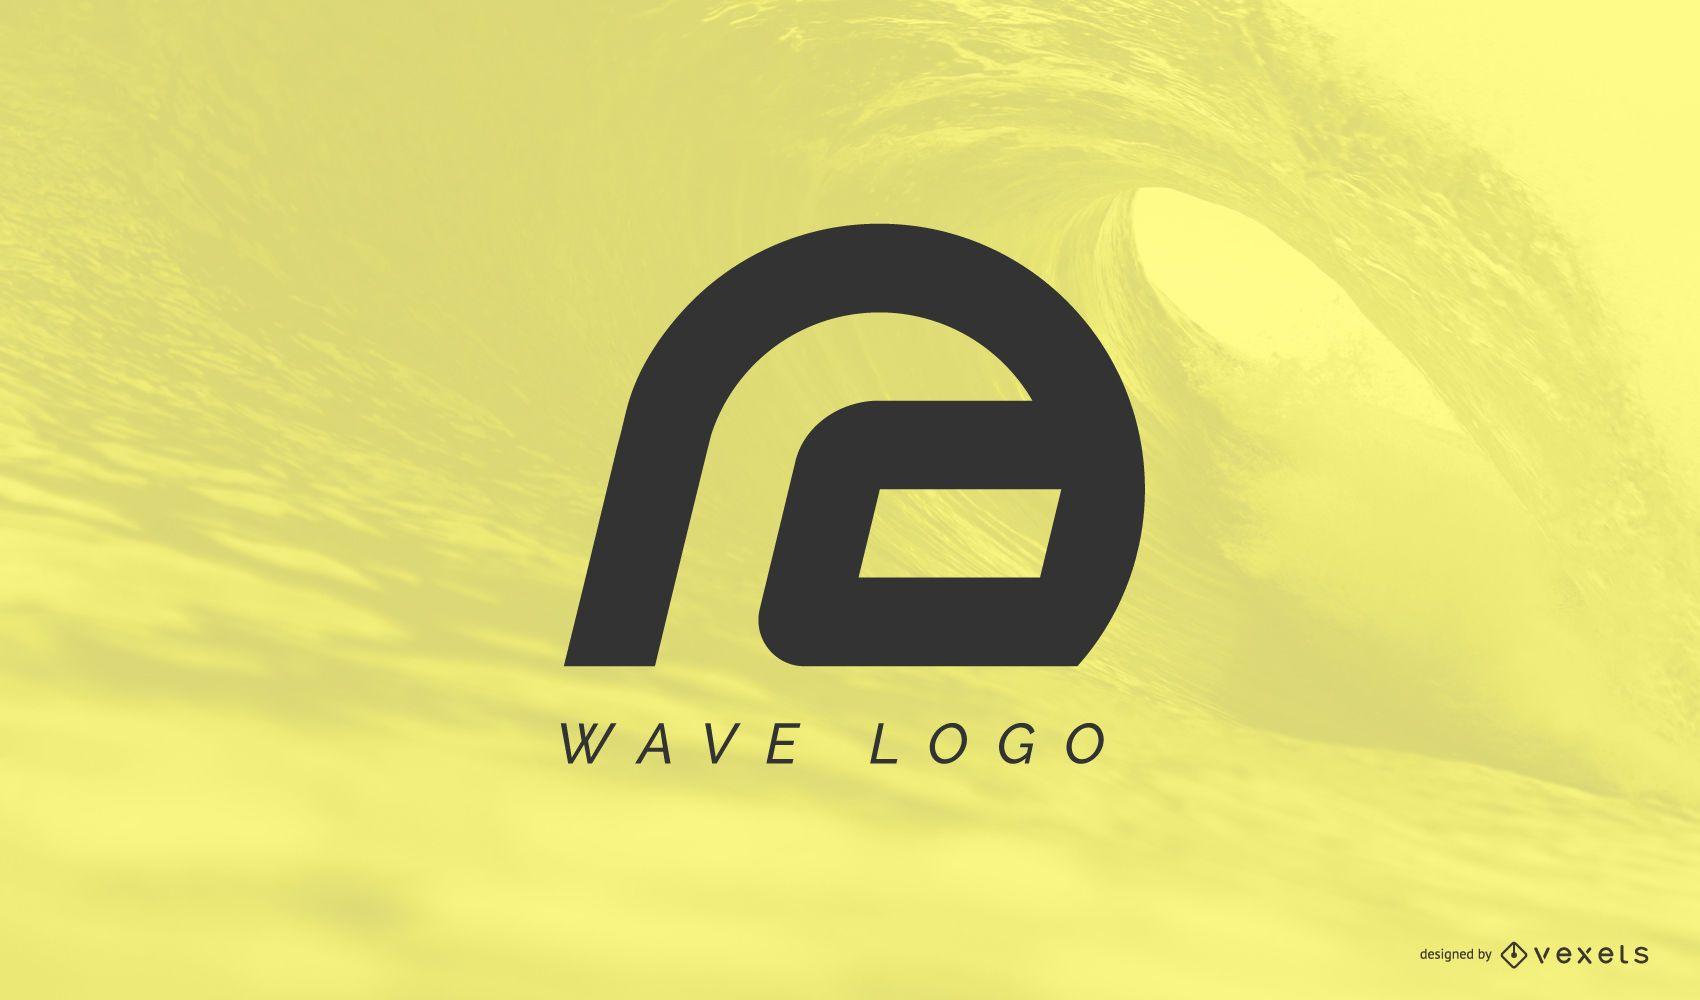 Abstrakte Welle Logo Vorlage